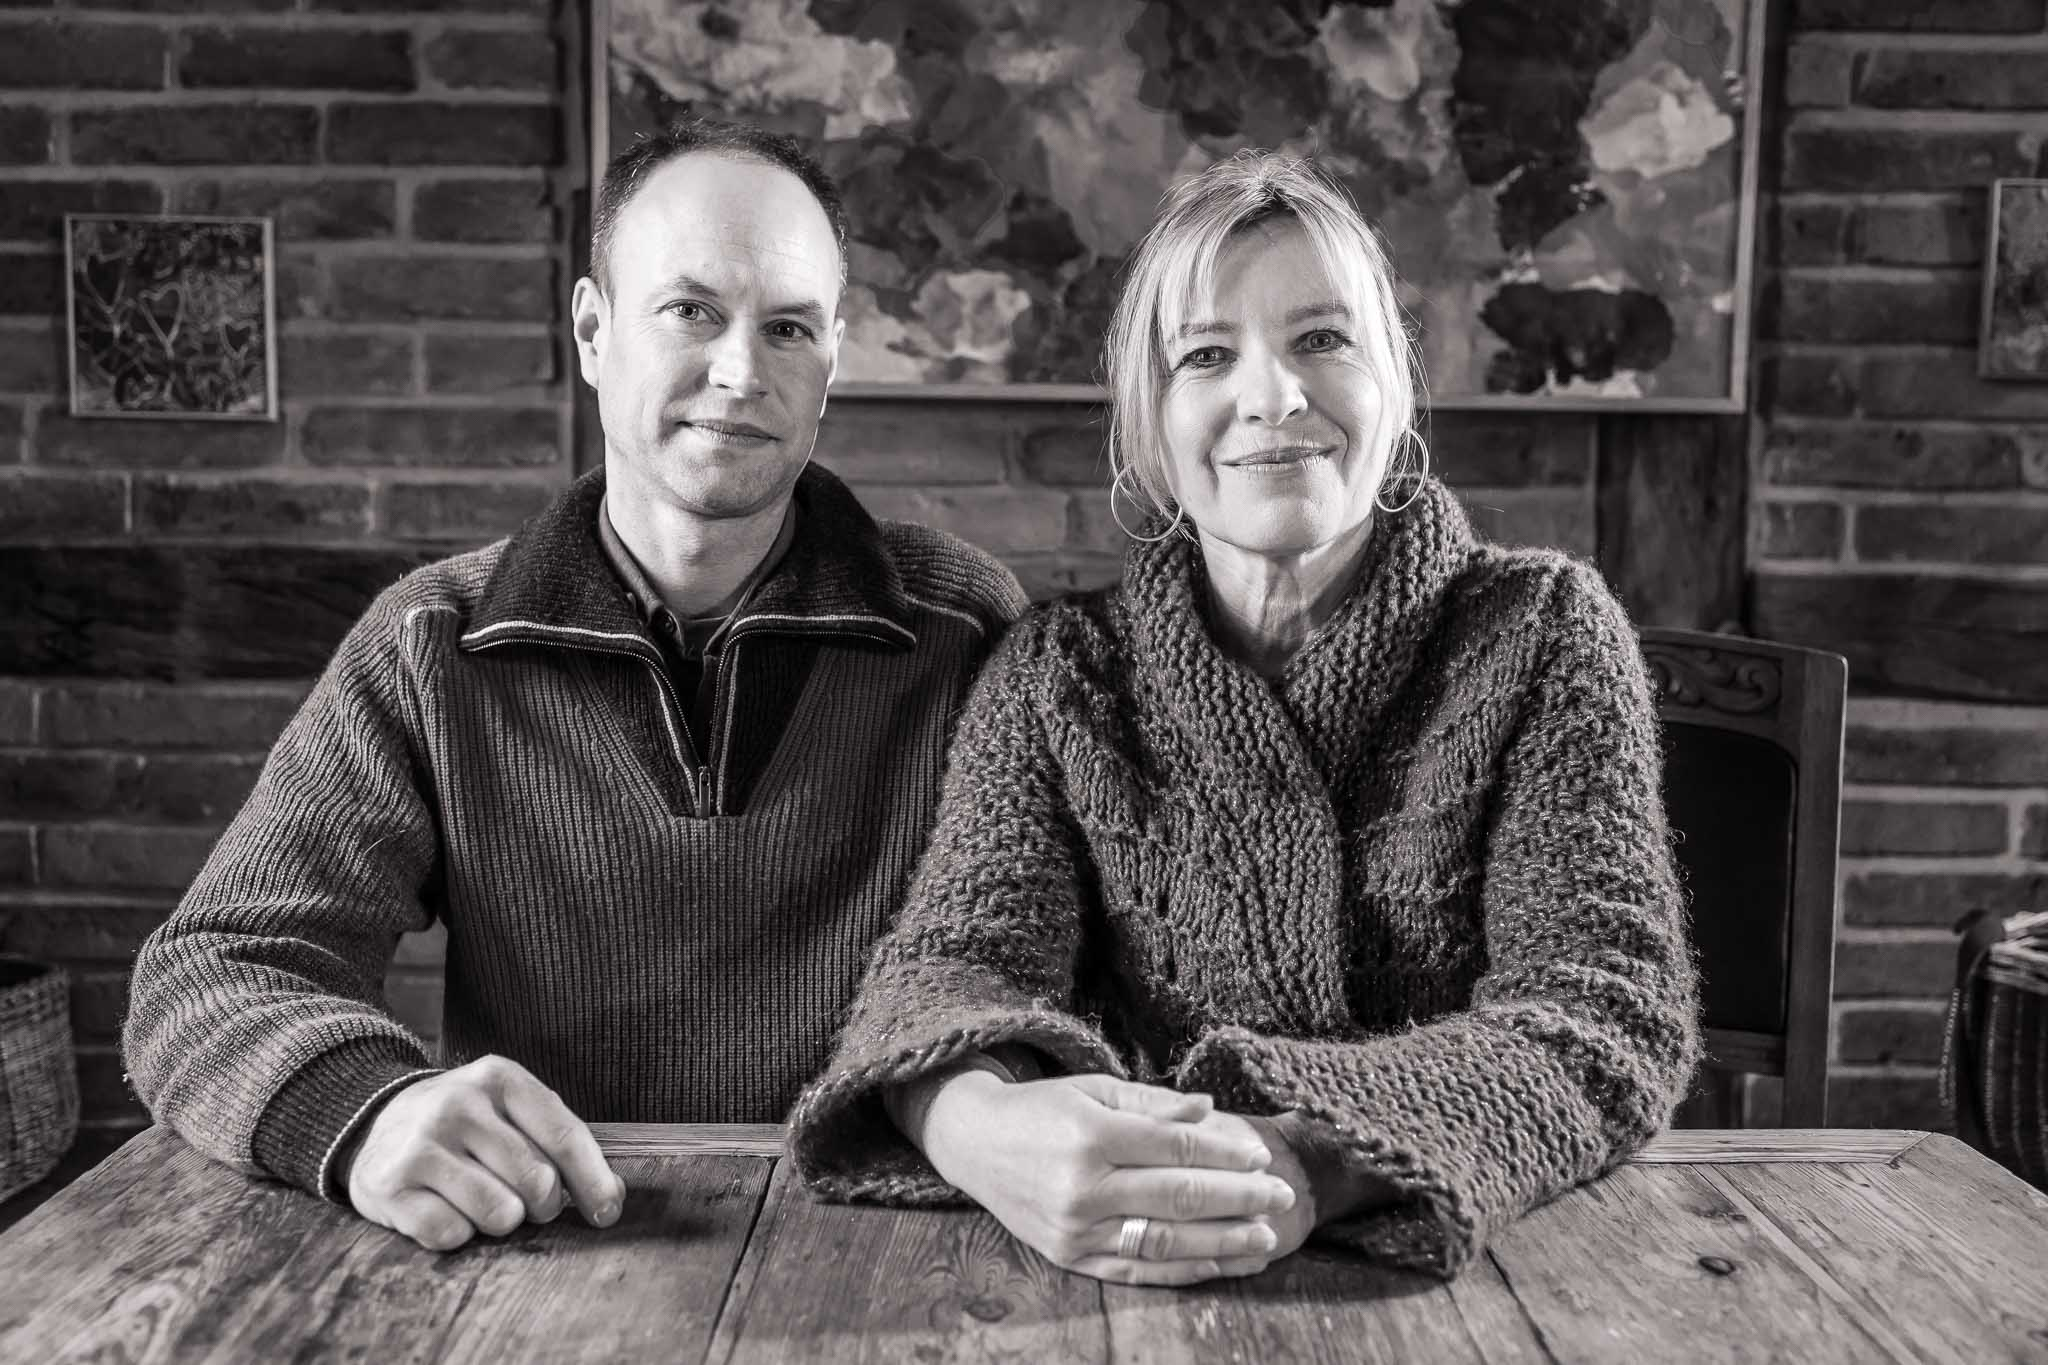 Dagmar und Lars sitzen am Küchentisch vor einem von Dagmars Gemälden